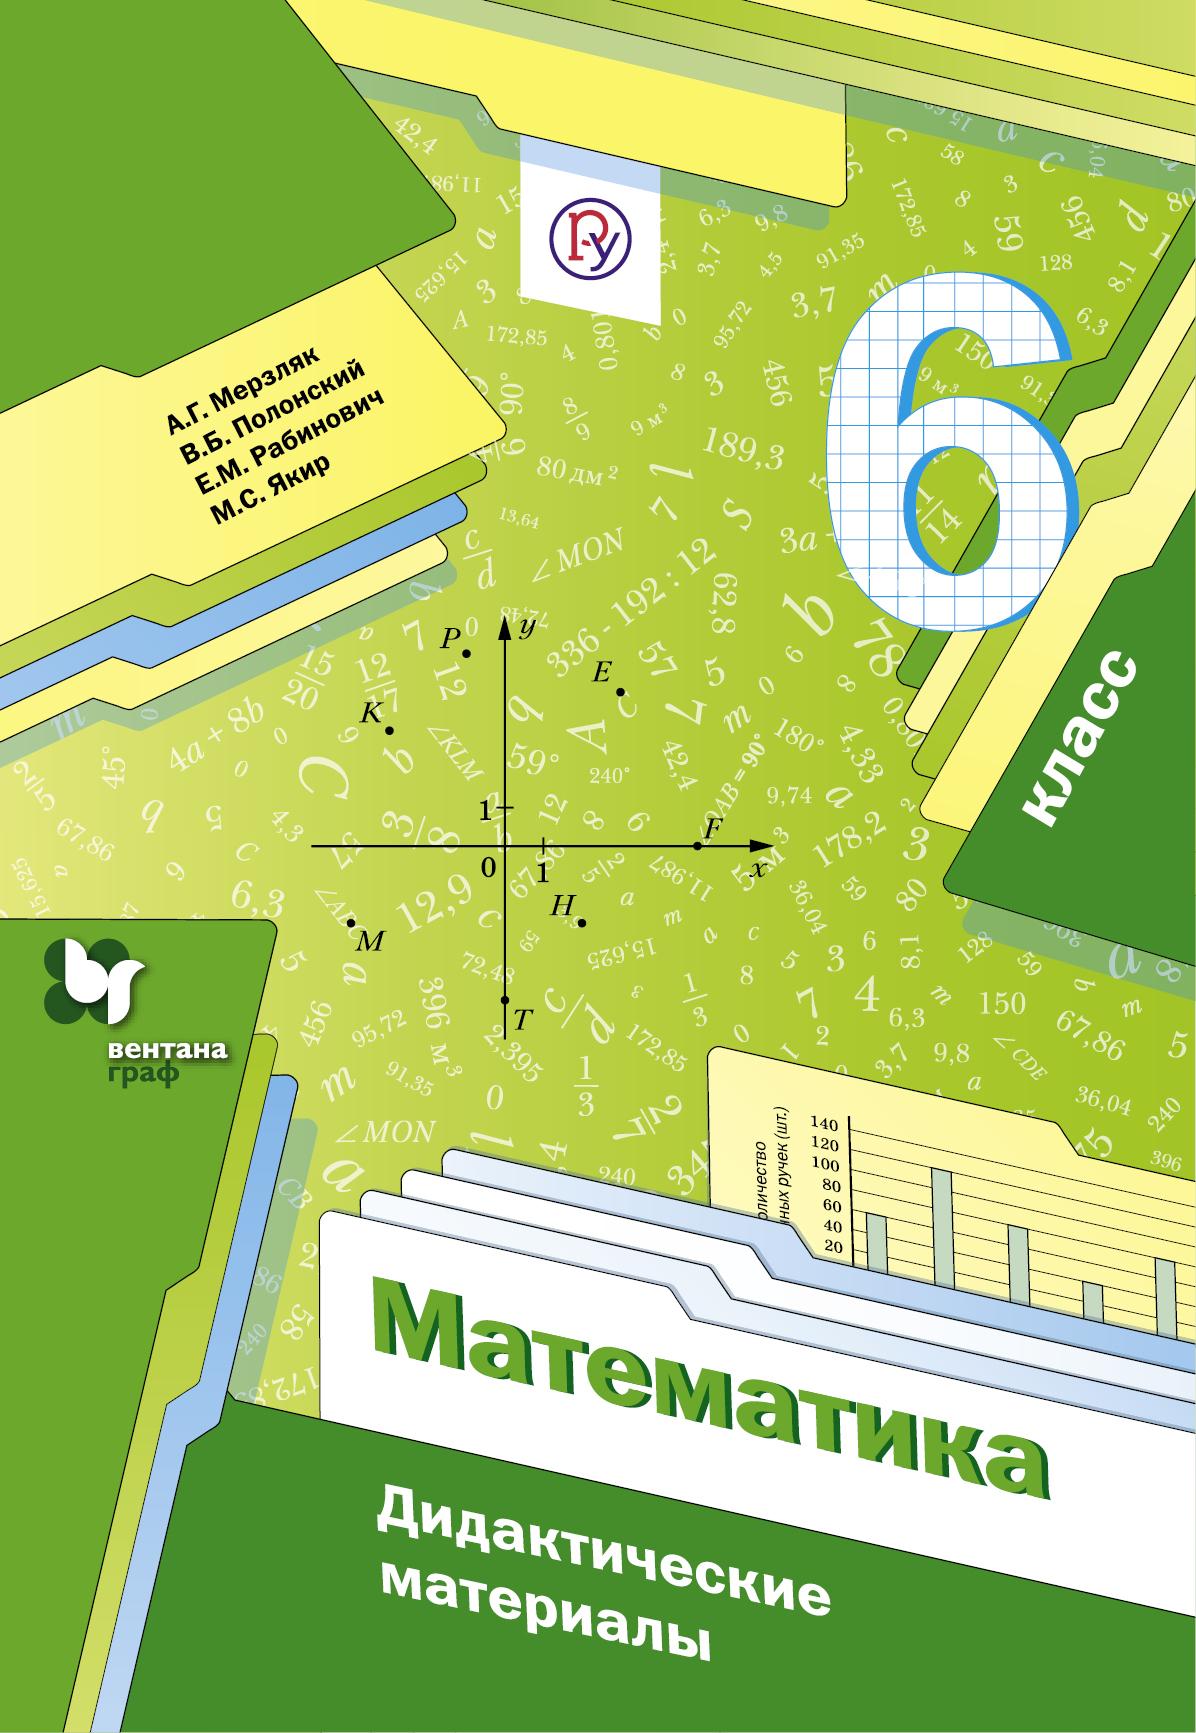 Обложка книги Математика. Дидактические материалы. 6 класс, автор А. Г. Мерзляк